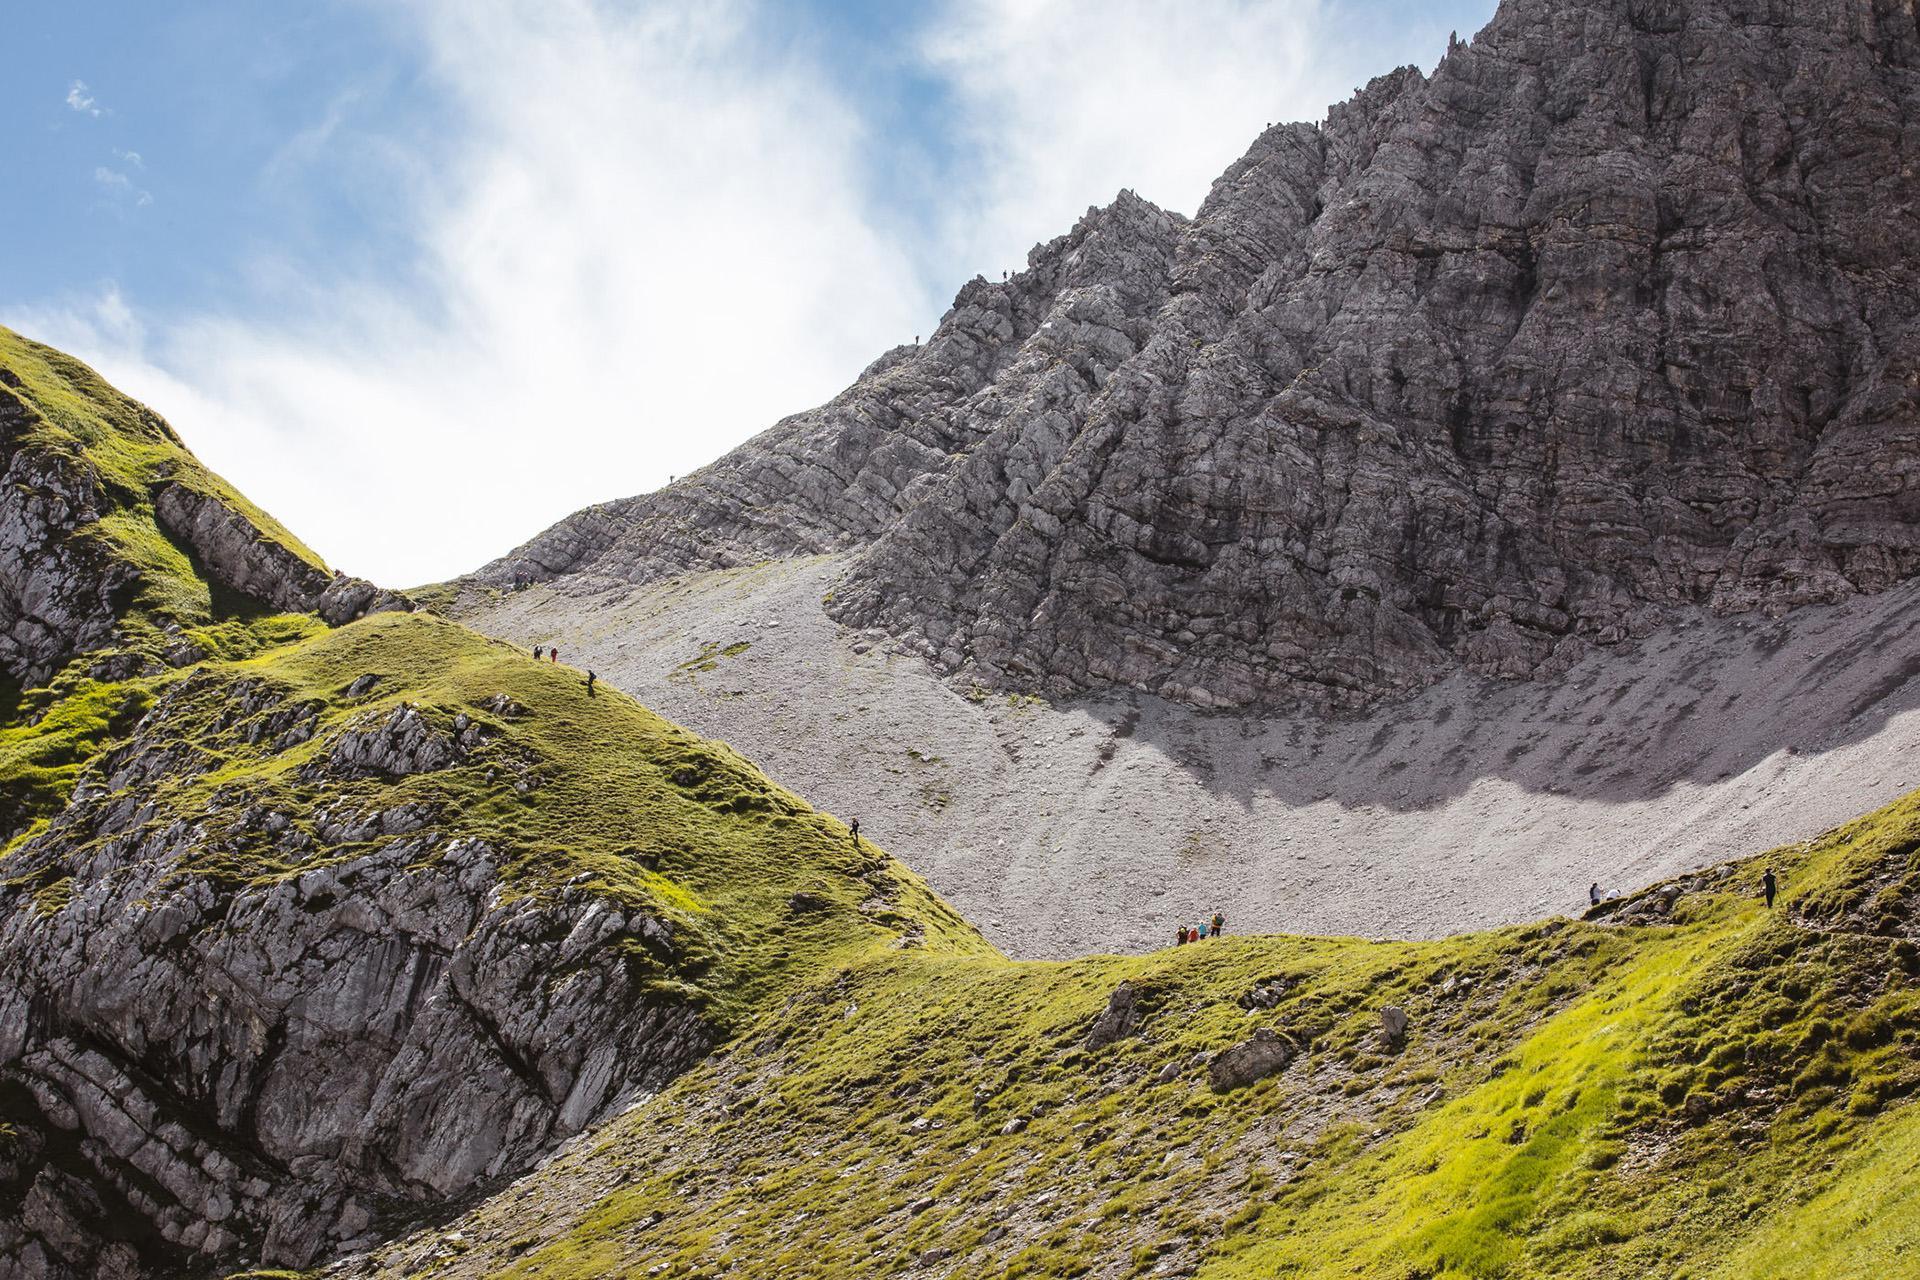 wandern-aufstieg-gruppe-weg-berg